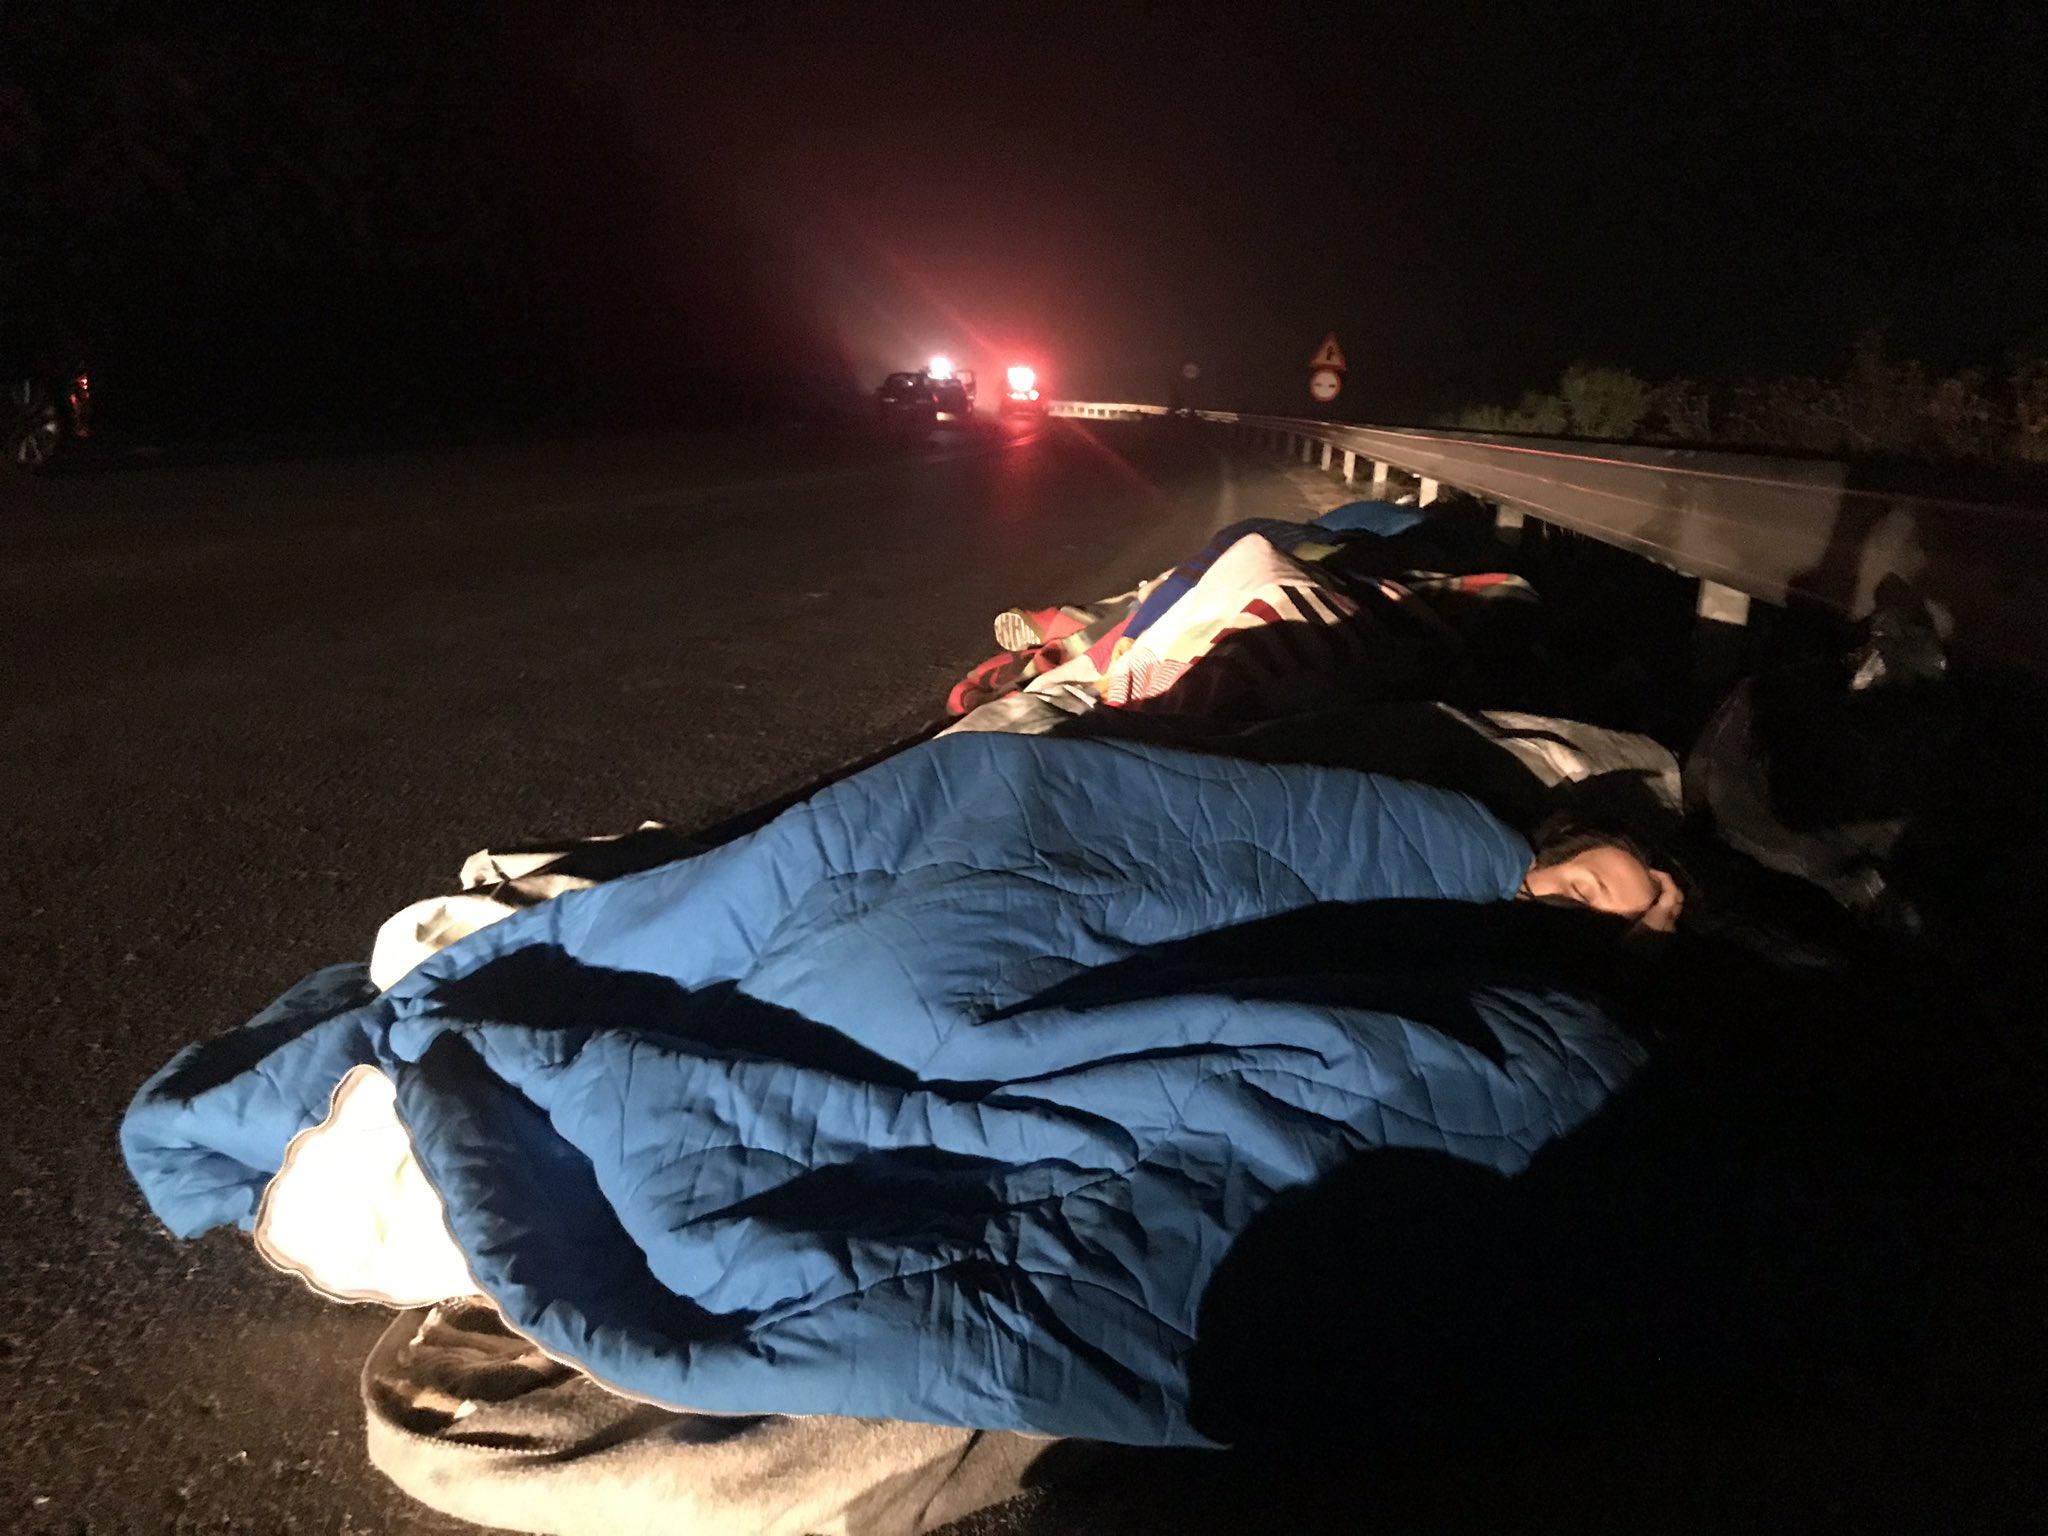 Refugiados duermen en las rutas tras incendios en Lesbos